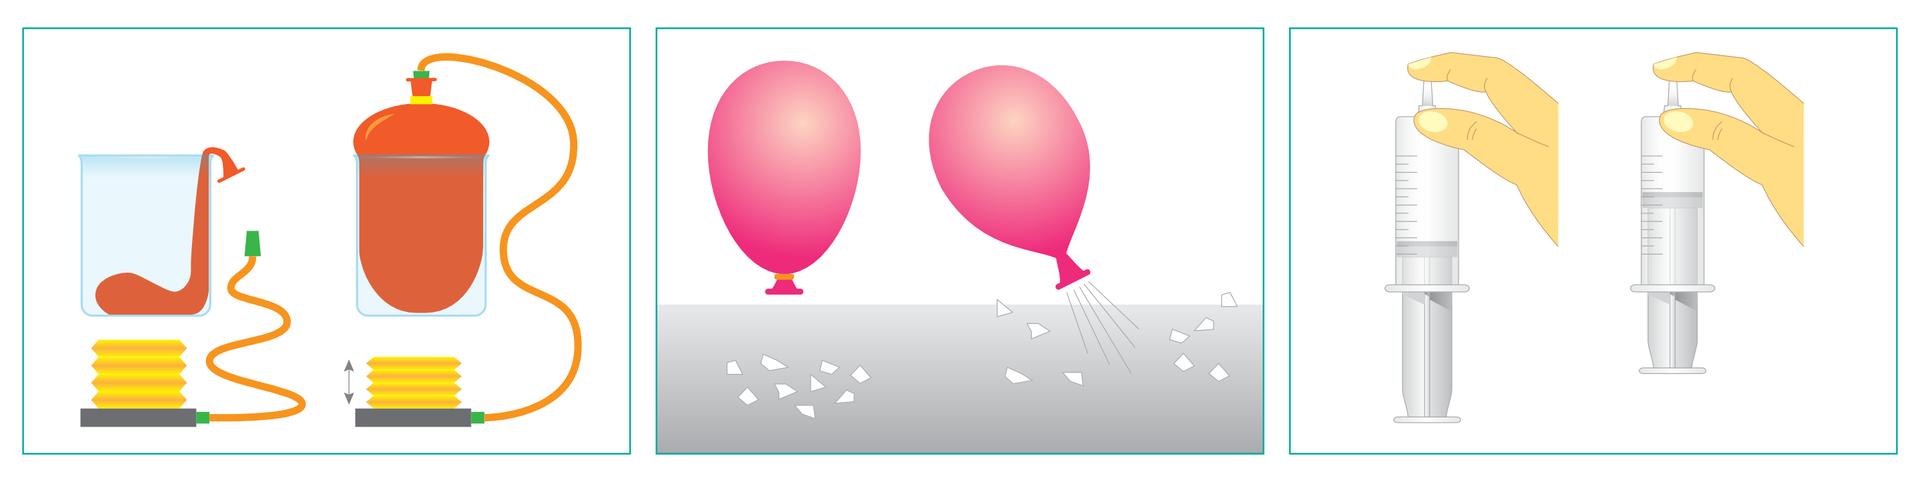 Ilustracja przedstawia trzy pary rysunków prezentujących jakąś właściwość powietrza za pomocą odpowiedniego doświadczenia. Na pierwszej parze od lewej zestaw składa się zwysokiego szklanego naczynia zpustym balonem wśrodku oraz pompki. Po podłączeniu pompki inapompowaniu balon wypełnia całą dostępną mu przestrzeń naczynia. Środkowa para rysunków przedstawia nadmuchany powietrzem balon zzawiązanym końcem oraz znajdujące się pod nim skrawki papieru leżące na płaskiej powierzchni. Po uwolnieniu powietrza zbalonika skrawki zostają rozdmuchane na wszystkie strony. Trzecia para rysunków przedstawia strzykawkę zodciągniętym tłoczkiem, której otwór wylotowy zatkany jest palcem przez cały czas trwania eksperymentu. Pierwszy rysunek tej pary to stan początkowy, czyli tłoczek całkowicie odciągnięty, natomiast drugi rysunek przedstawia stan końcowy, czyli tłoczek wciśnięty mniej więcej do połowy.